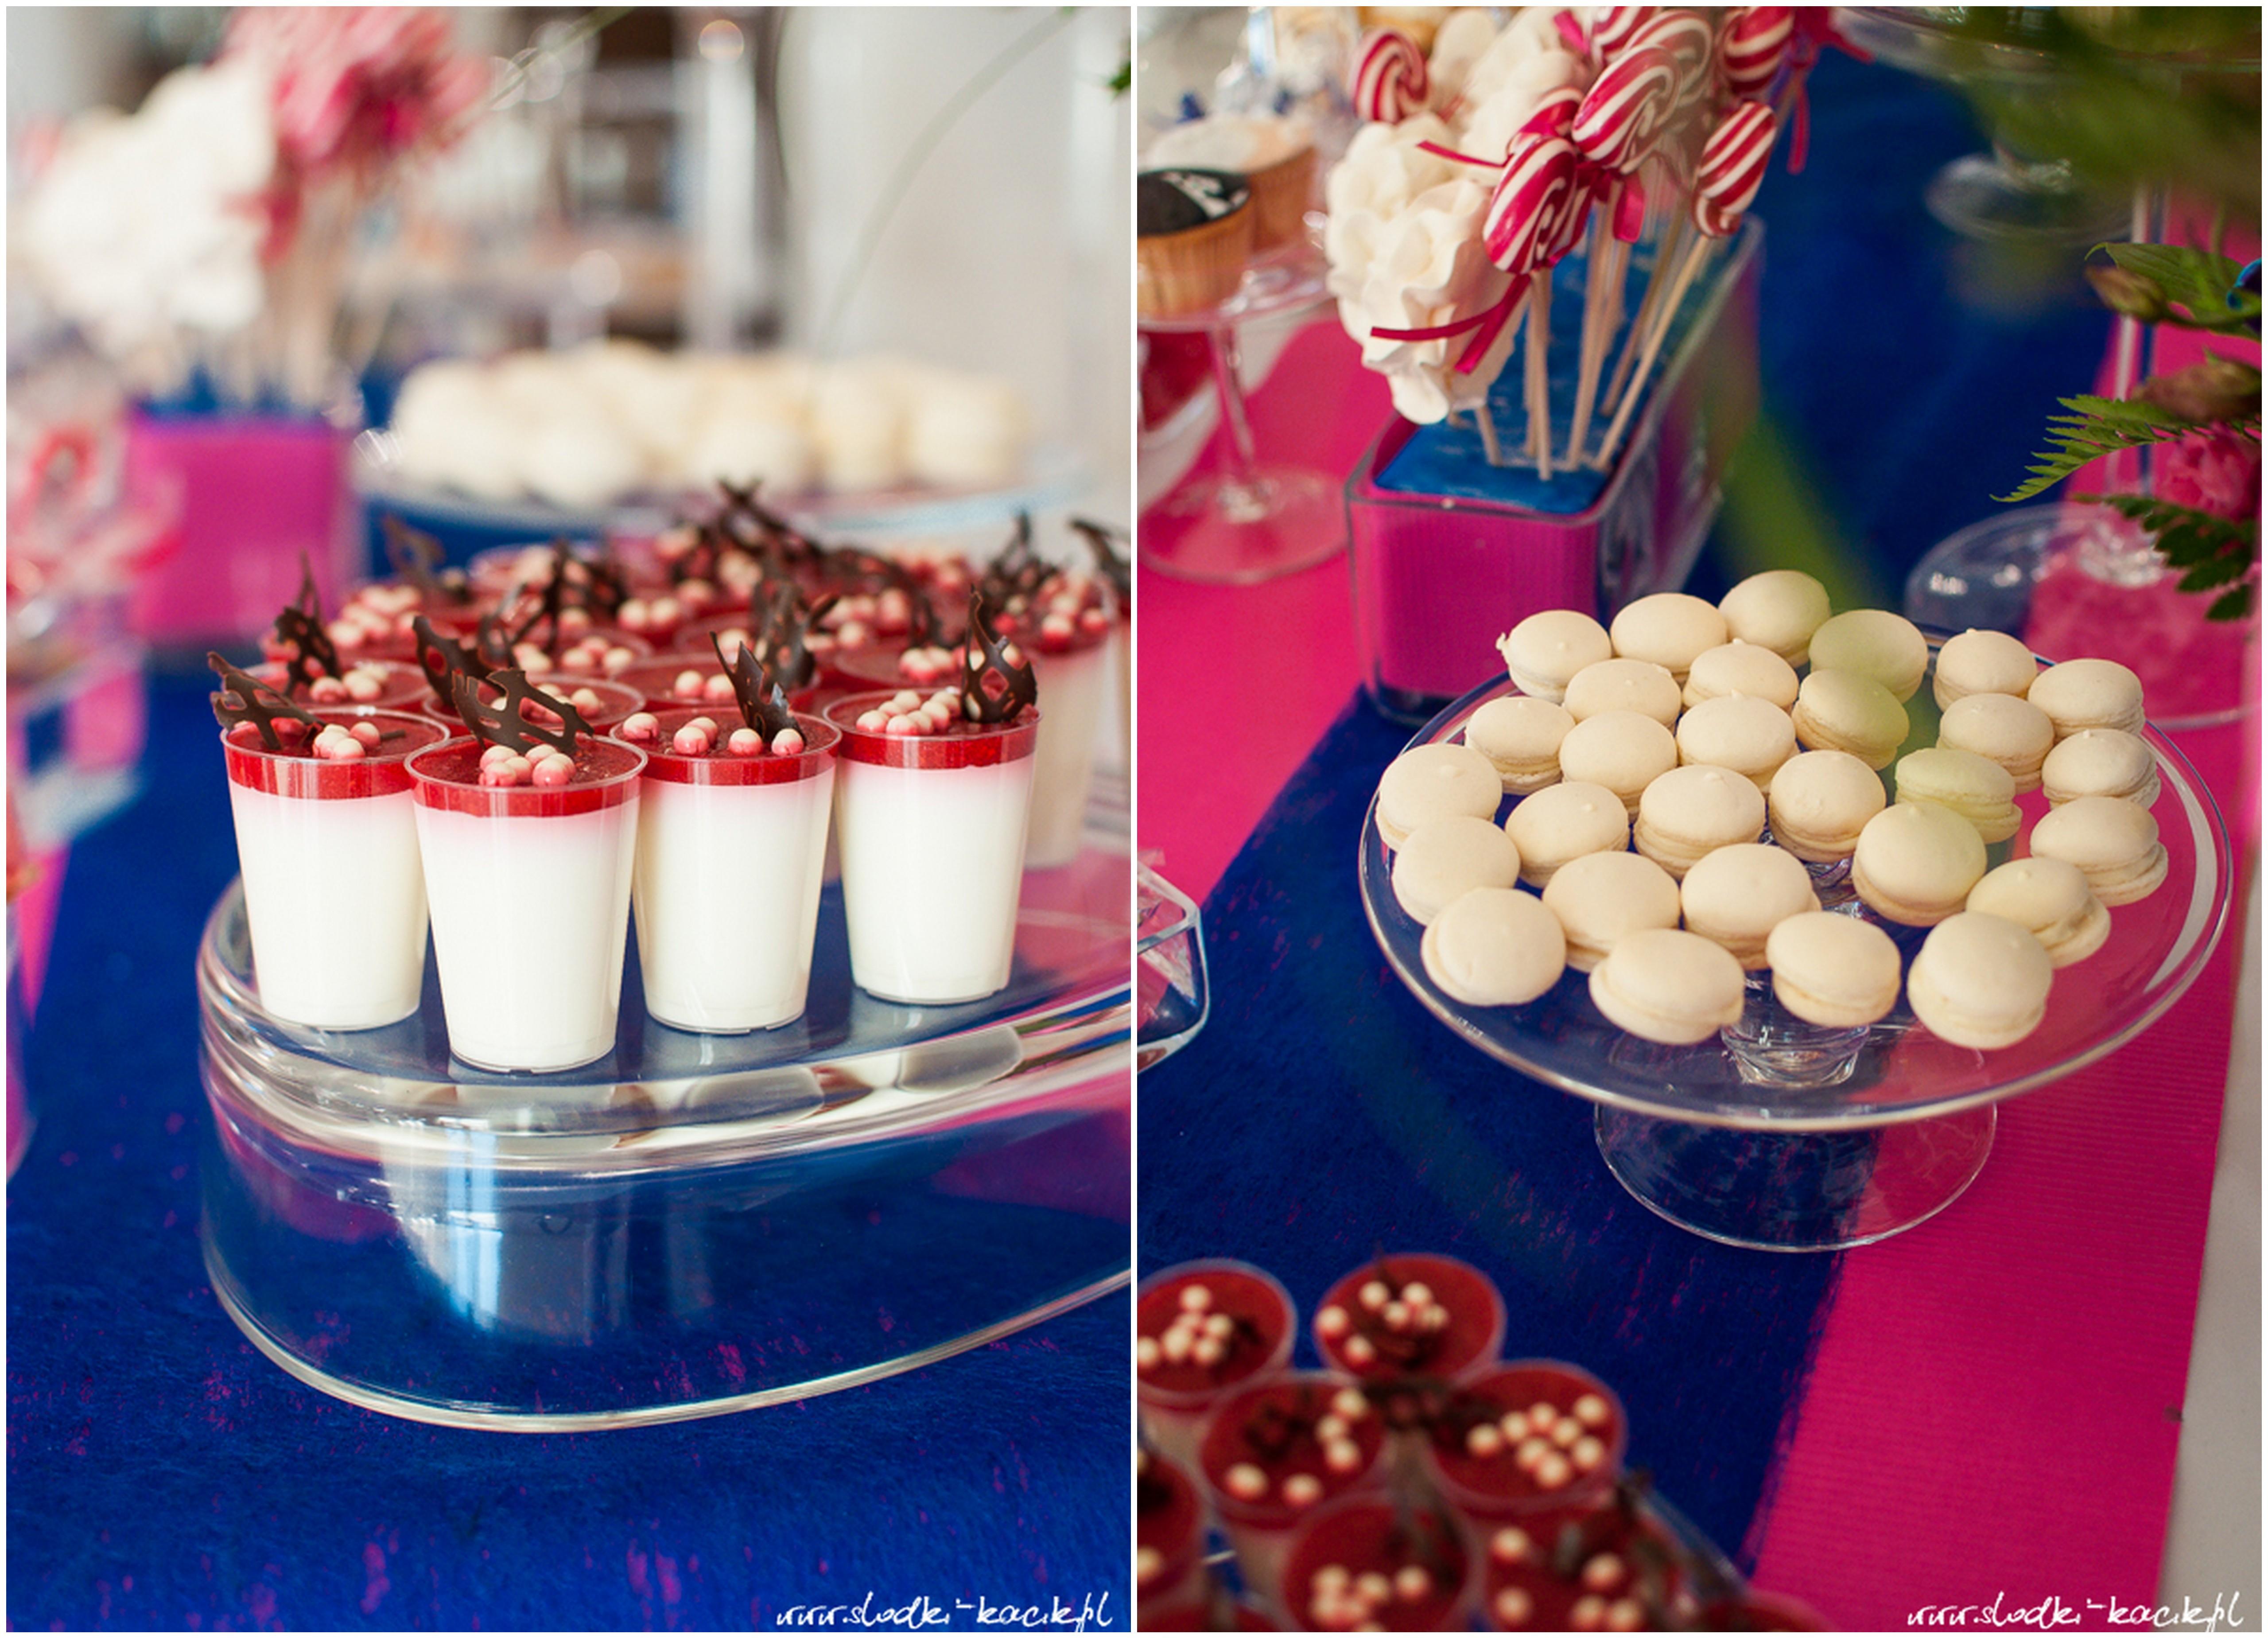 Słodki Kącik fuksja kobalt, słodki stół, słodki bufet, candy bar, tort weselny, ciasto wesele, ślub, pavlova, ciasteczka, słodycze, lizaki, buteleczki, cakepop, cupcake,  popcorn (8)